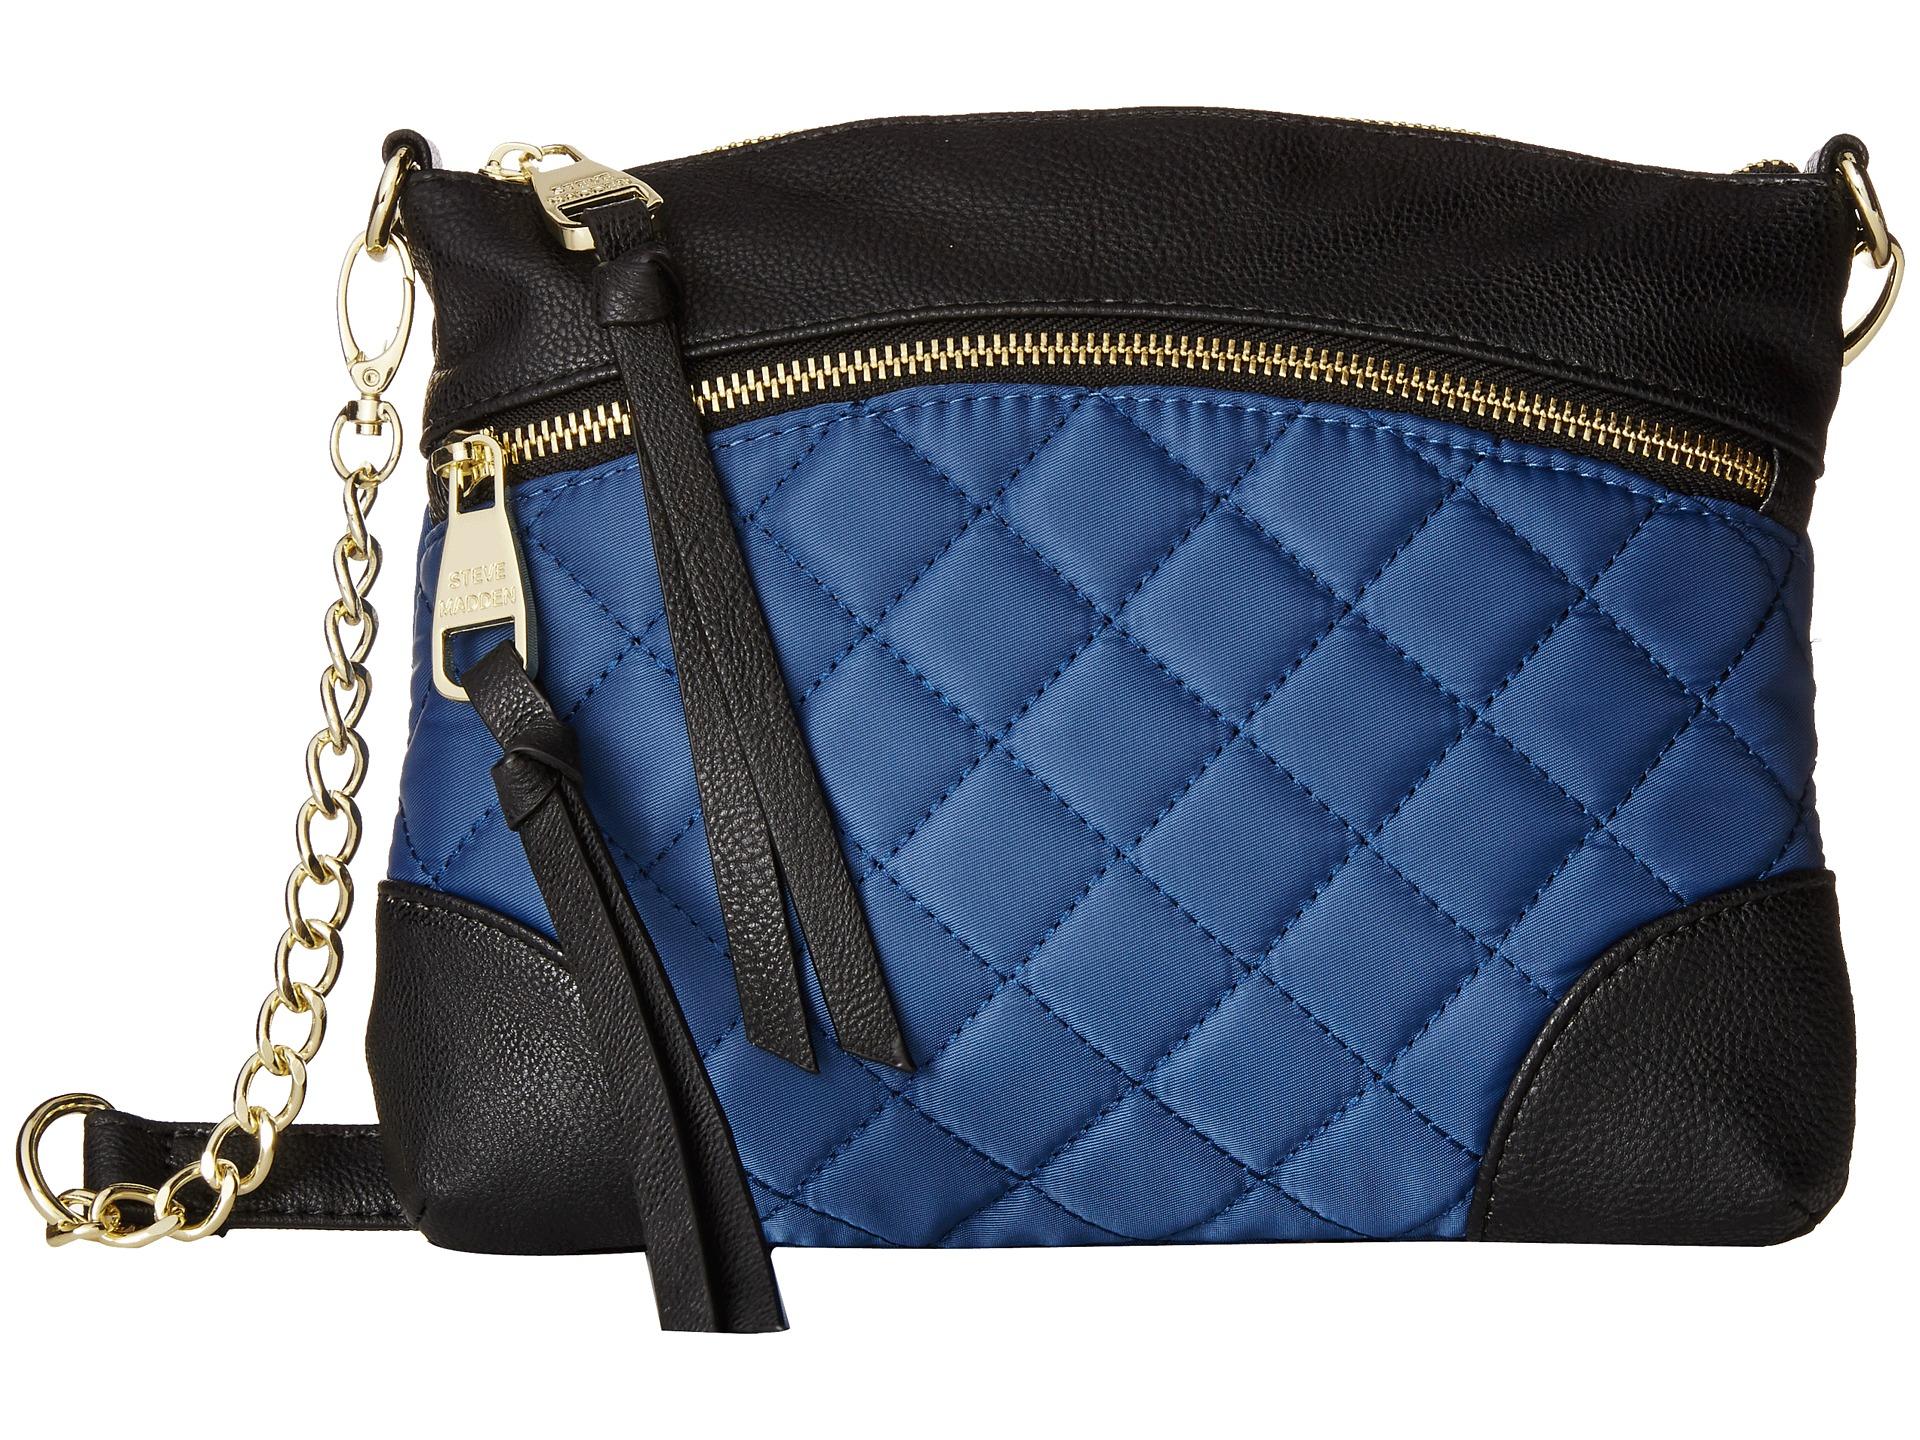 Steve Madden Bceleste Womens Handbag